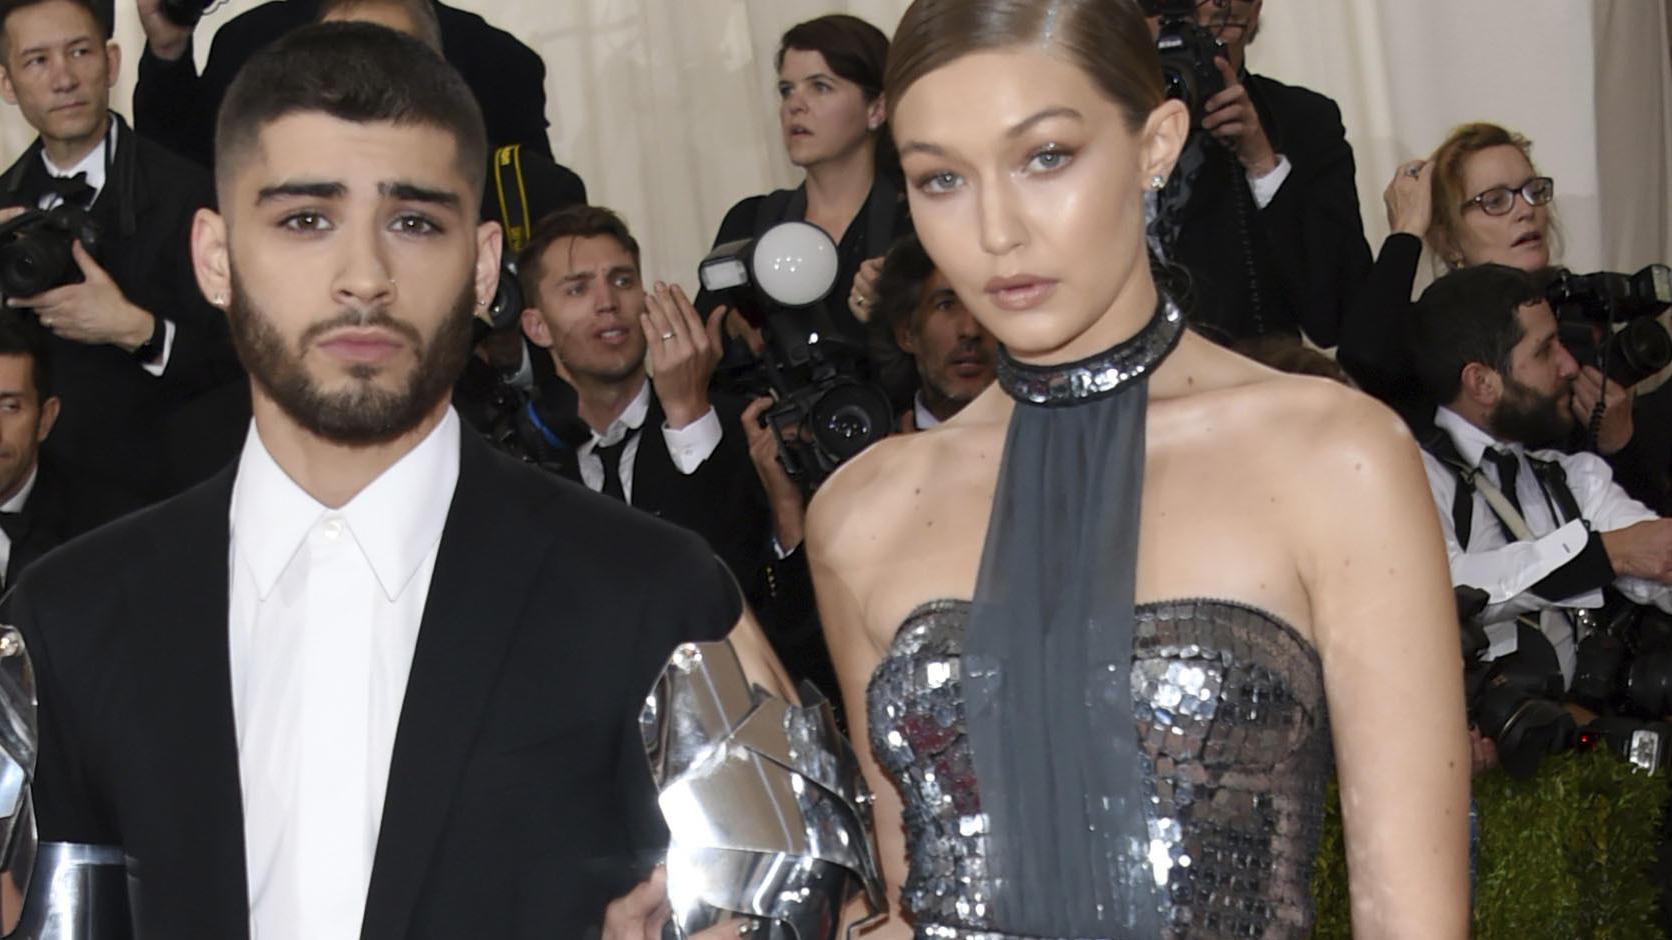 Gigi Hadid: Geheimnis gelüftet! So heißt ihre Tochter mit Sänger Zayn Malik